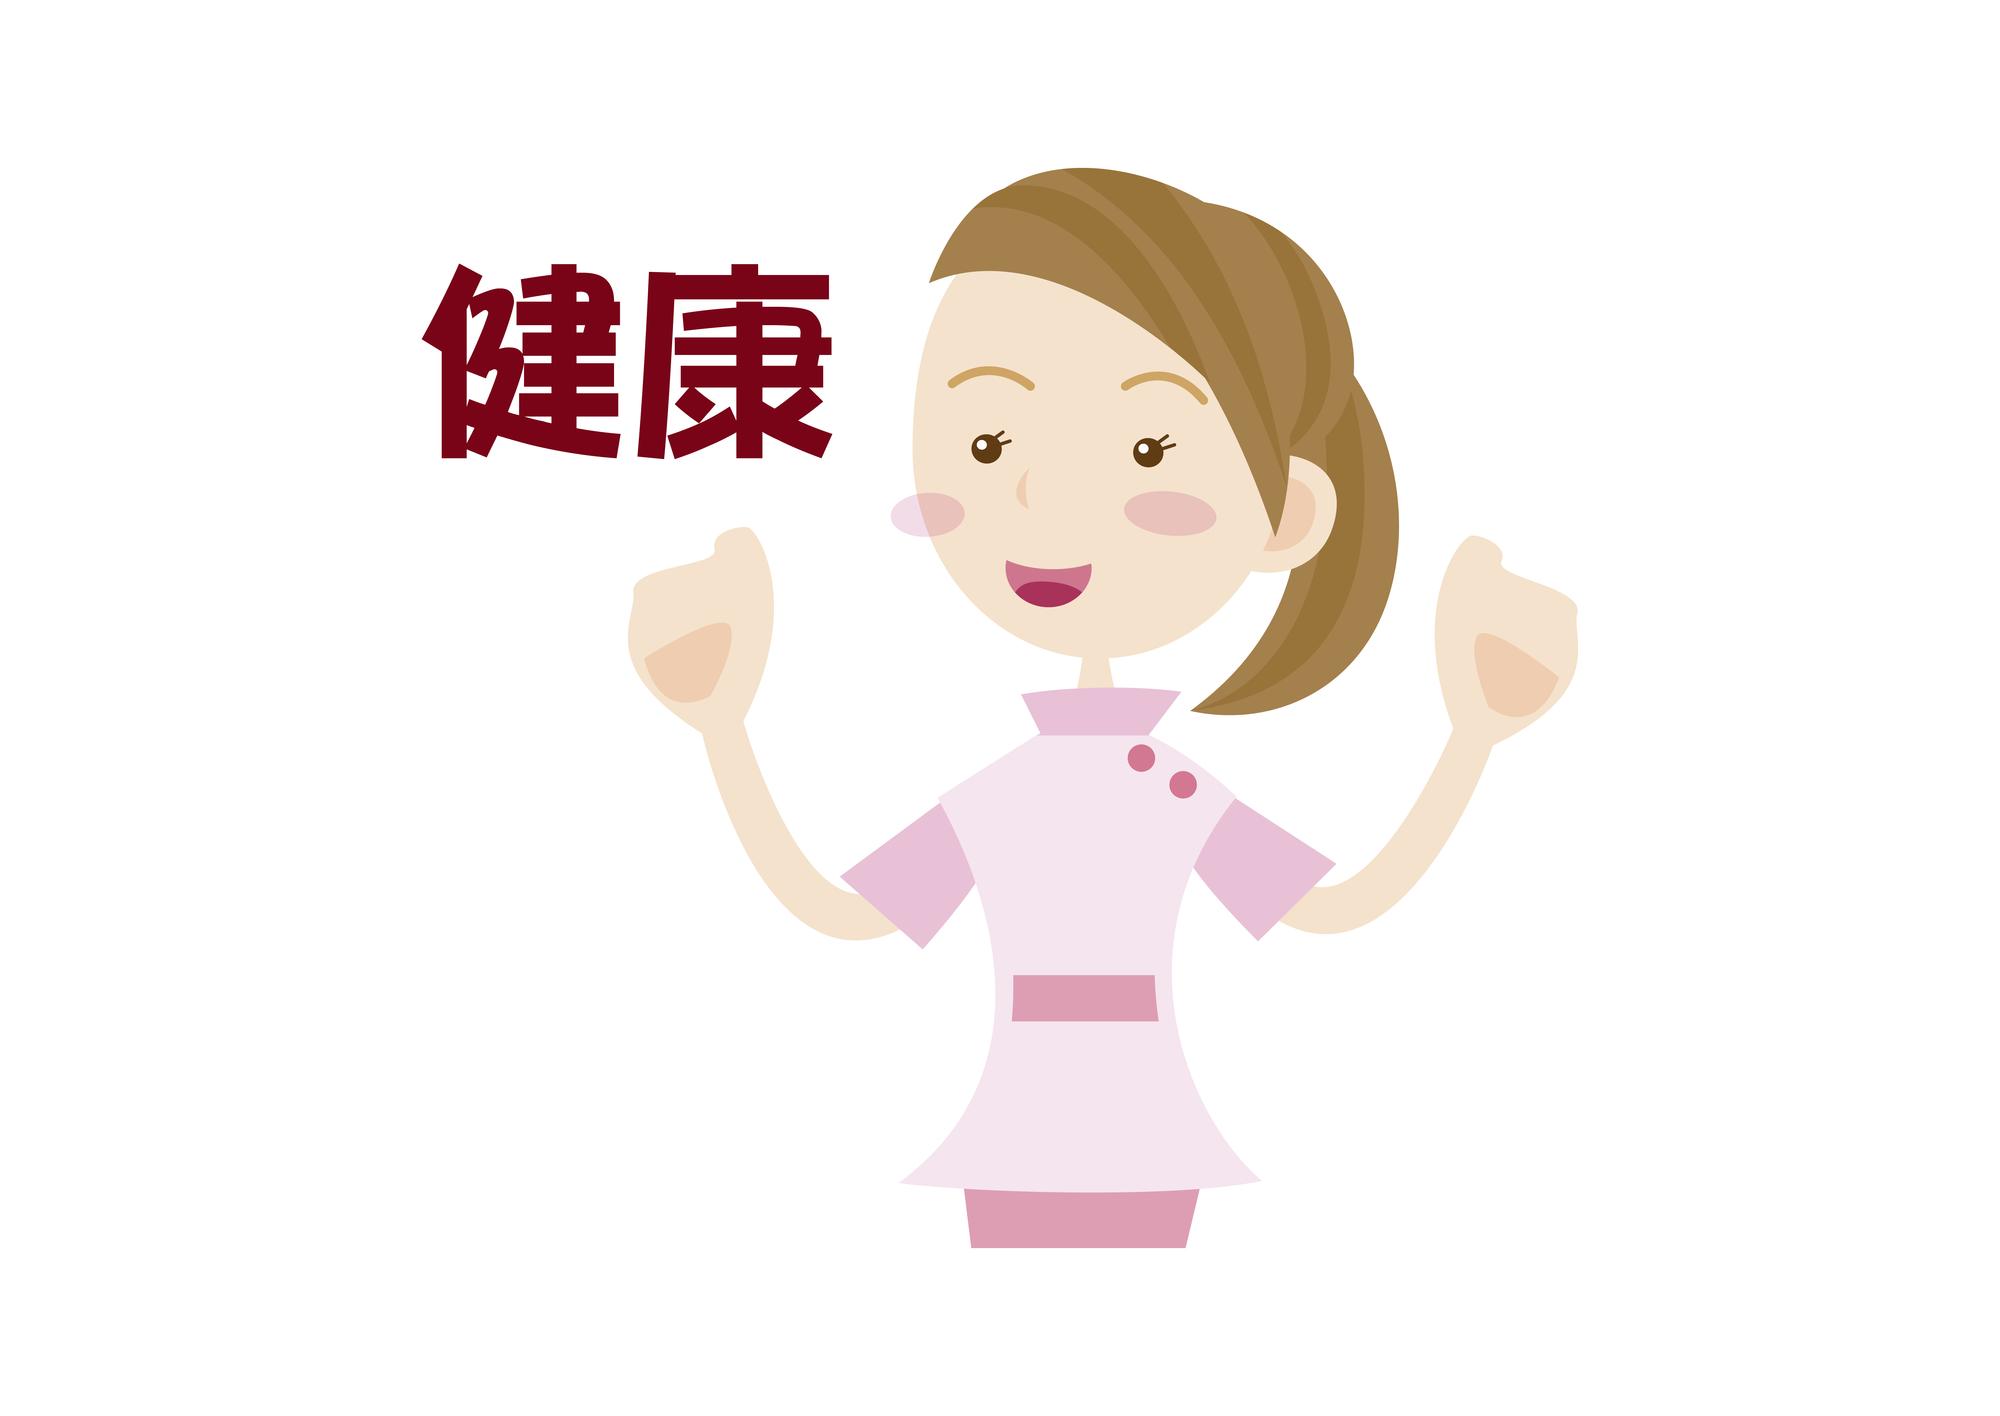 マネセツ109(菱沼)遺伝子検査/サブ画像②